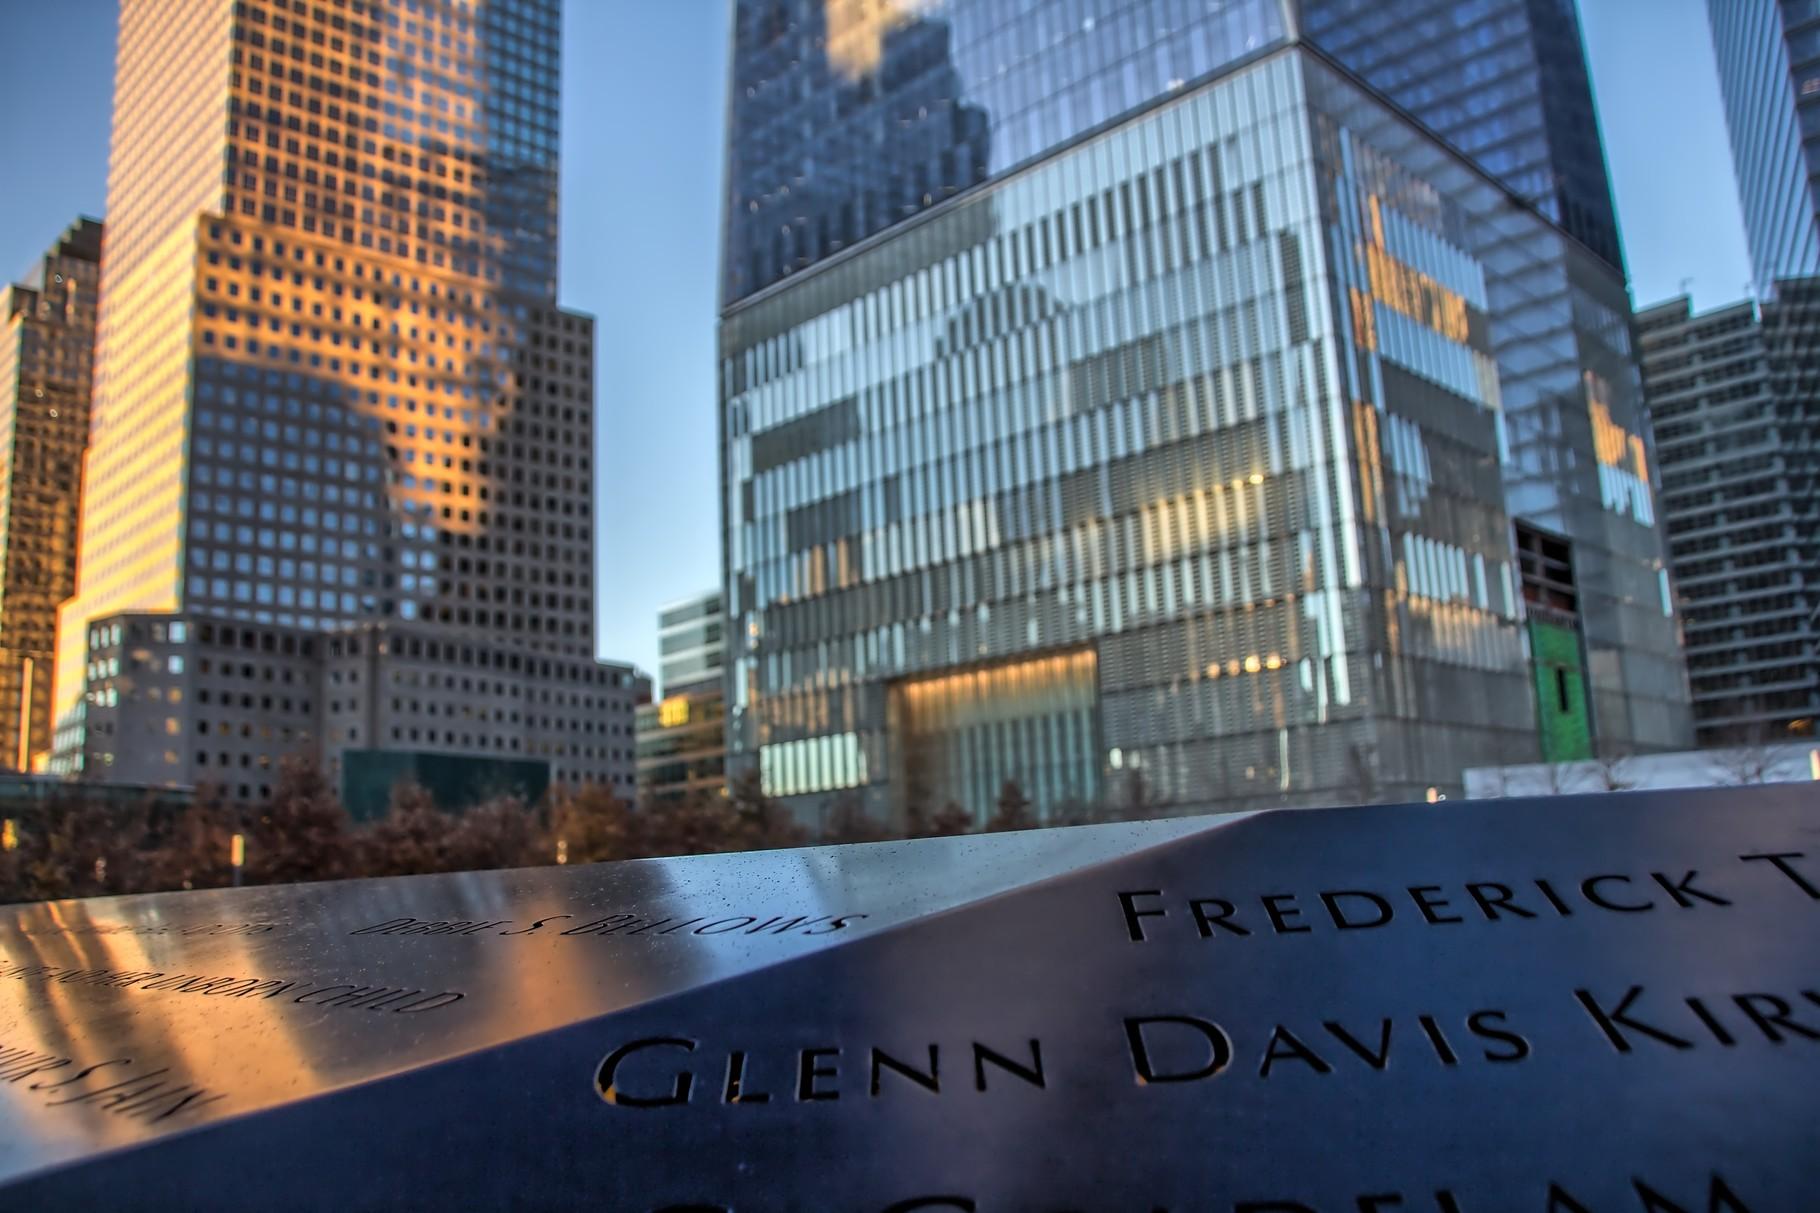 16_NYC 9/11 Memorial.